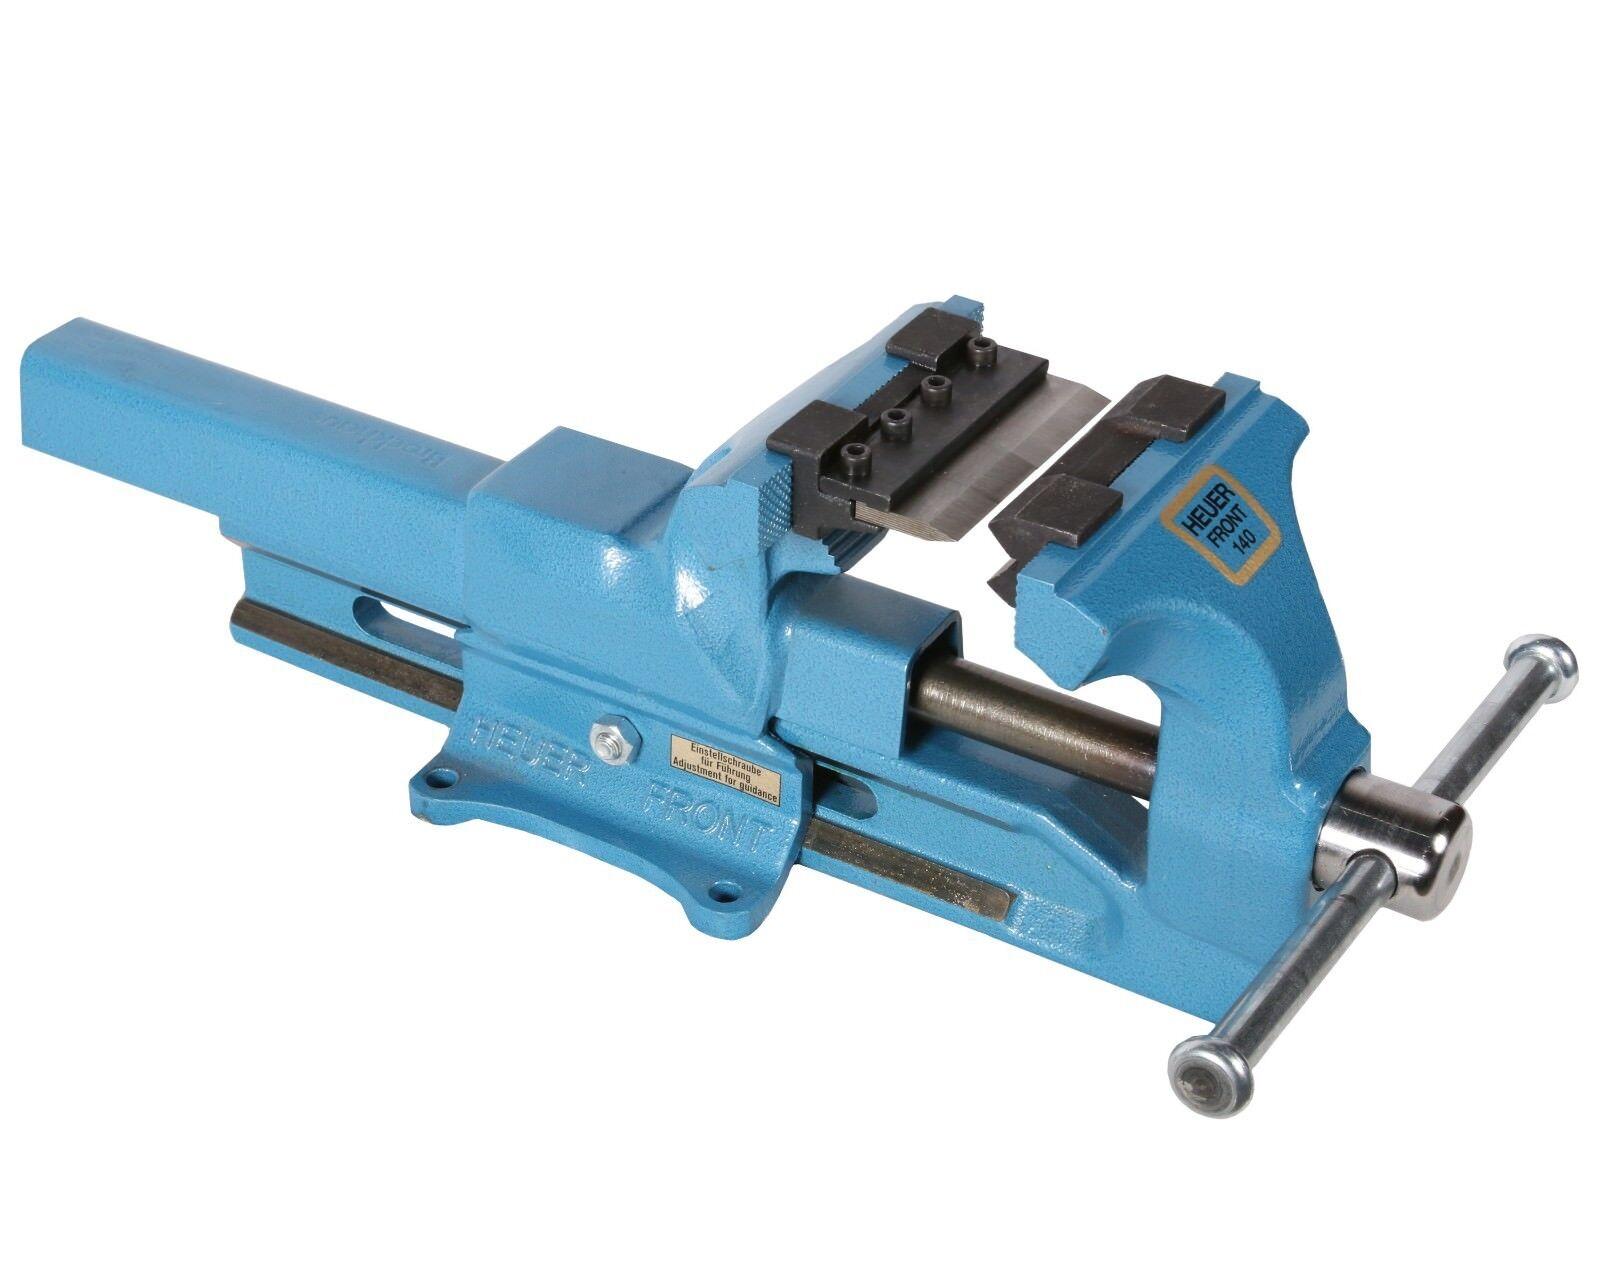 Bench Vise Bending Box & Pan Brake Metal Bending 4  Length 1 16 Capacity WFVB5